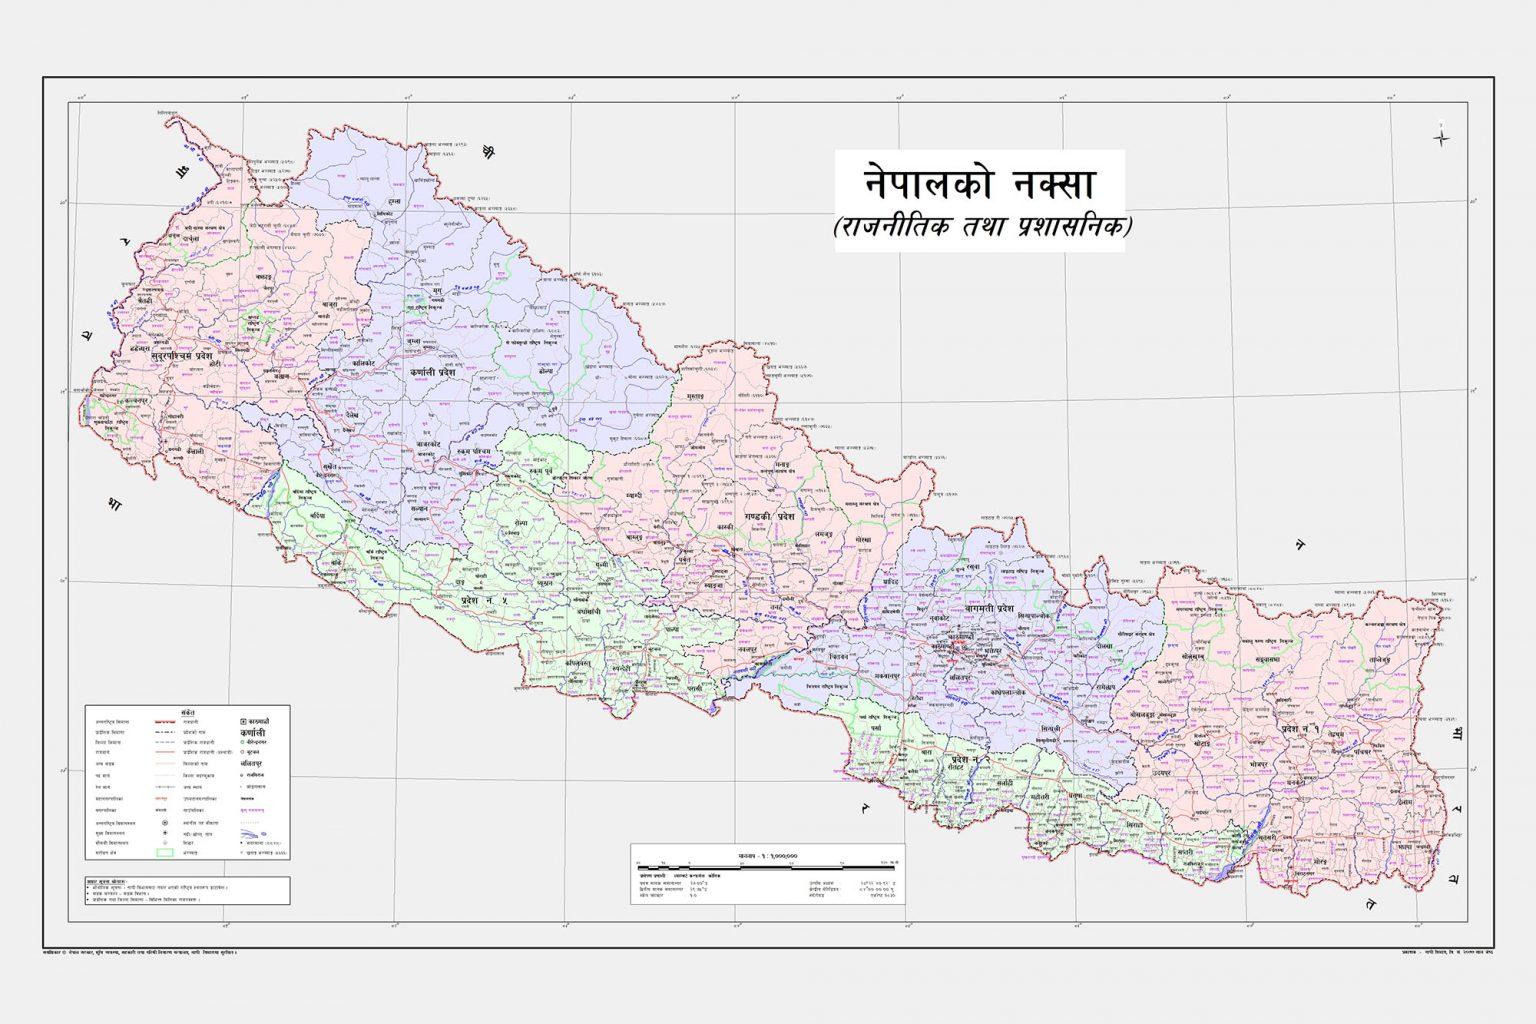 नेपालको नयाँ नक्शाबारे संविधान संशोधन विधेयक ल्याइने